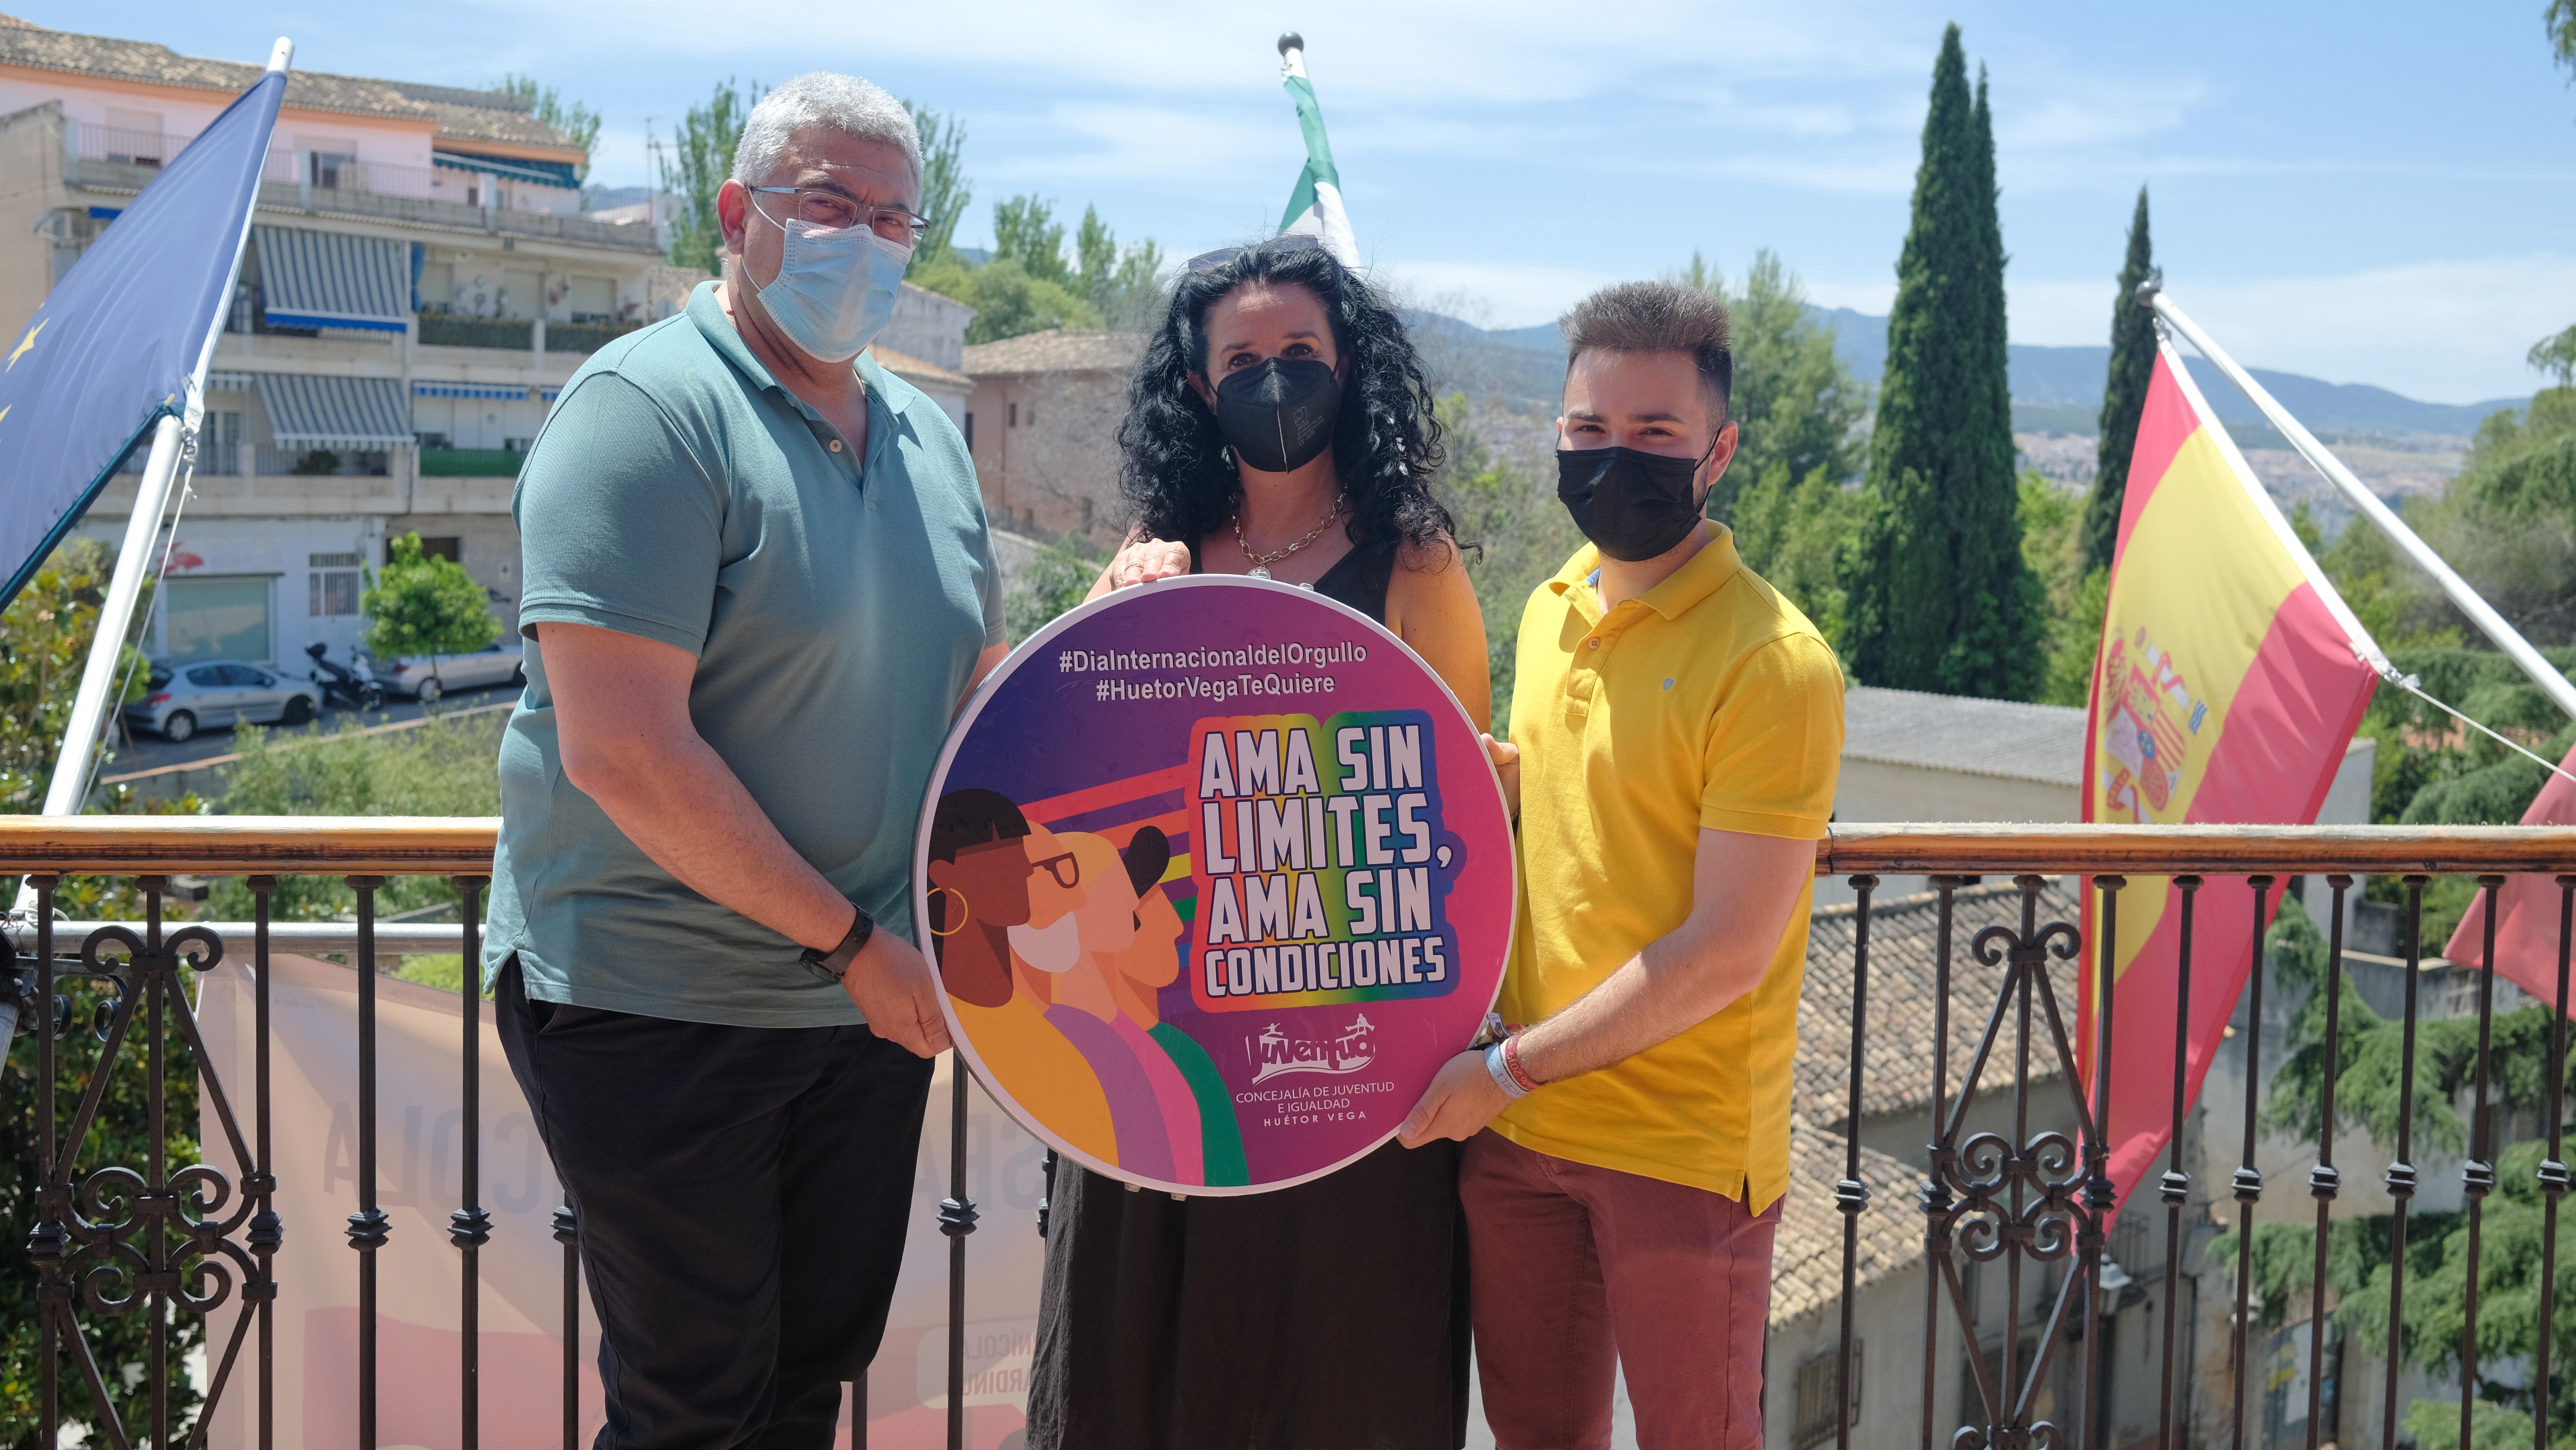 Huétor Vega pone en marcha una campaña para evitar la discriminación a causa de la orientación sexual